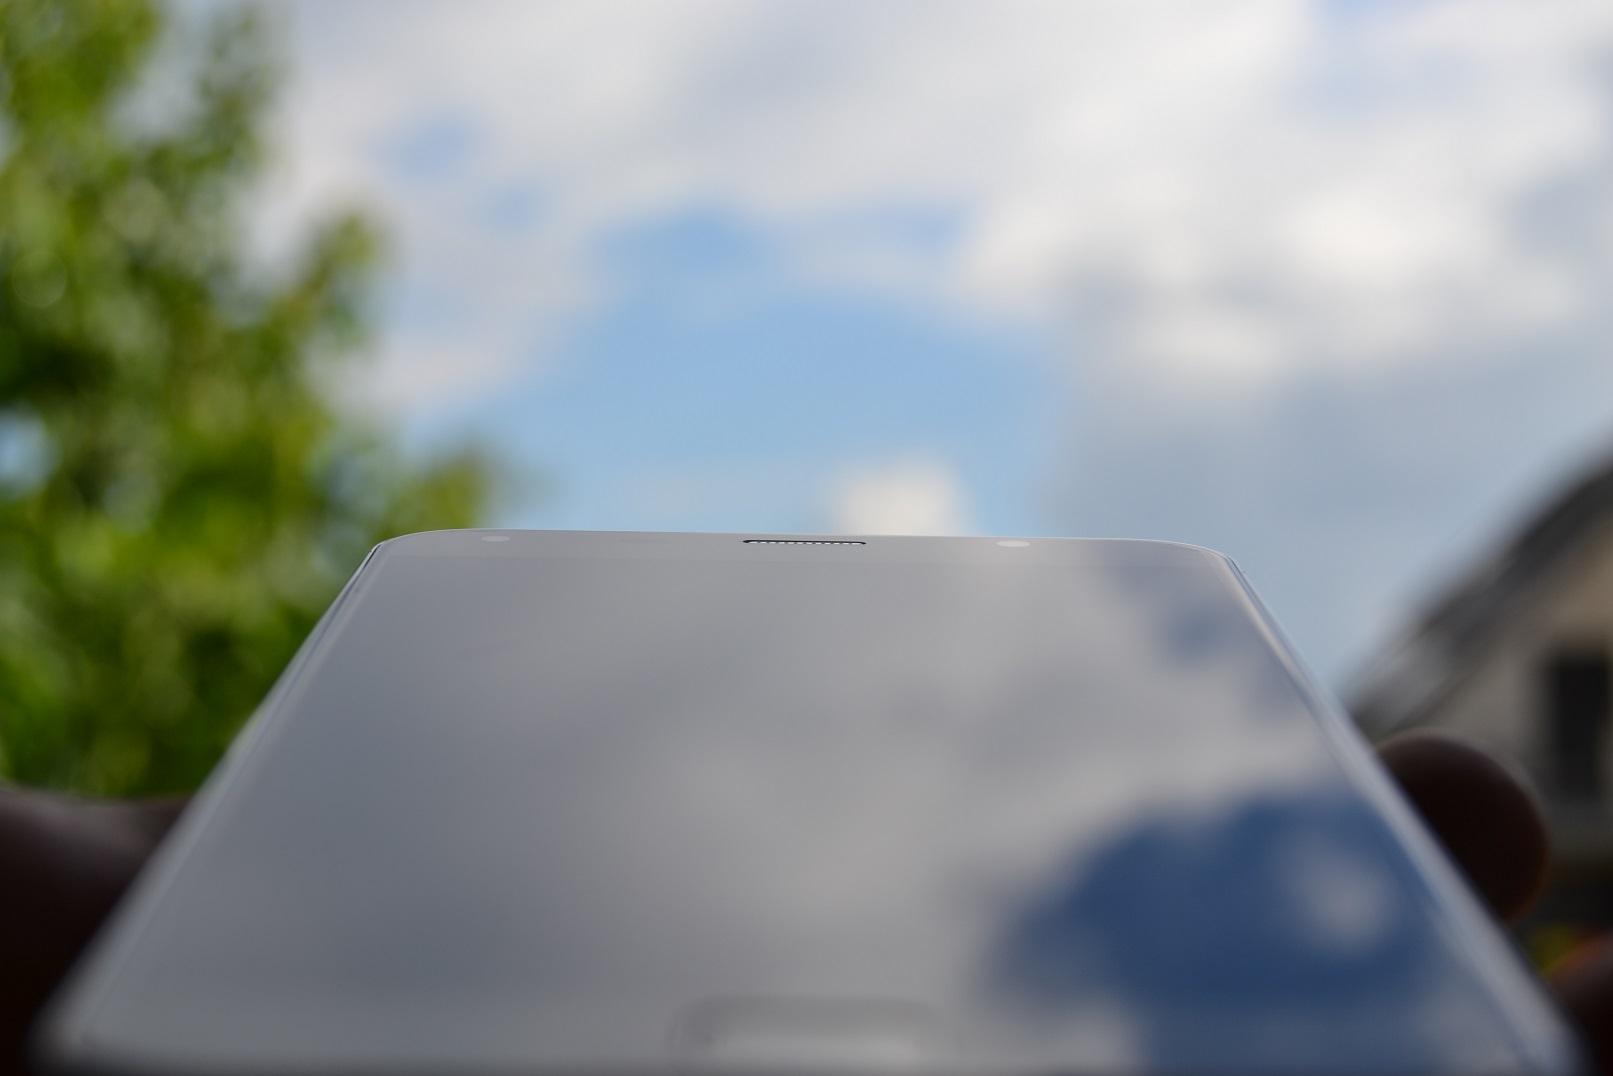 DSC_0408 REVIEW display UMi Touch si comparat cu UMi Super, tot partea de display